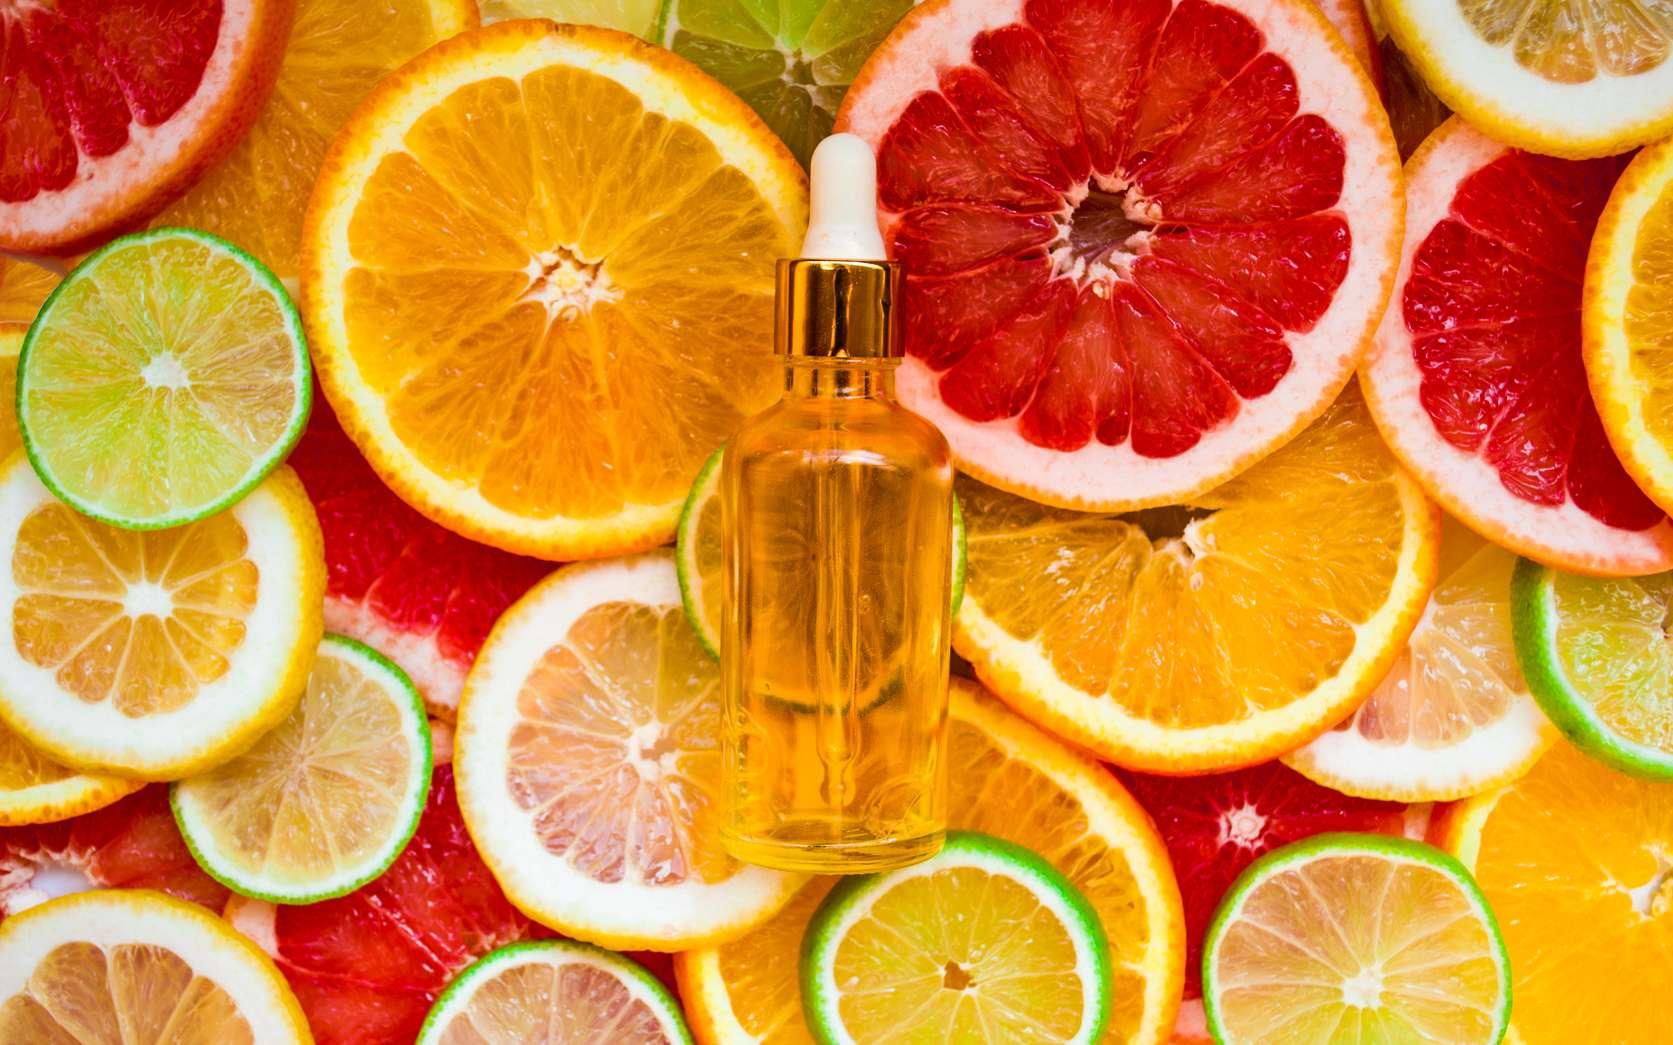 Il existe de nombreuses huiles essentielles extraites de l'orange. L'huile essentielle de néroli provient des fleurs d'oranger amer. L'huile essentielle de petit-grain née de la distillation des feuilles et des jeunes rameaux et l'huile essentielle d'orange provient de la peau. © Светлана Фарафонова, Fotolia